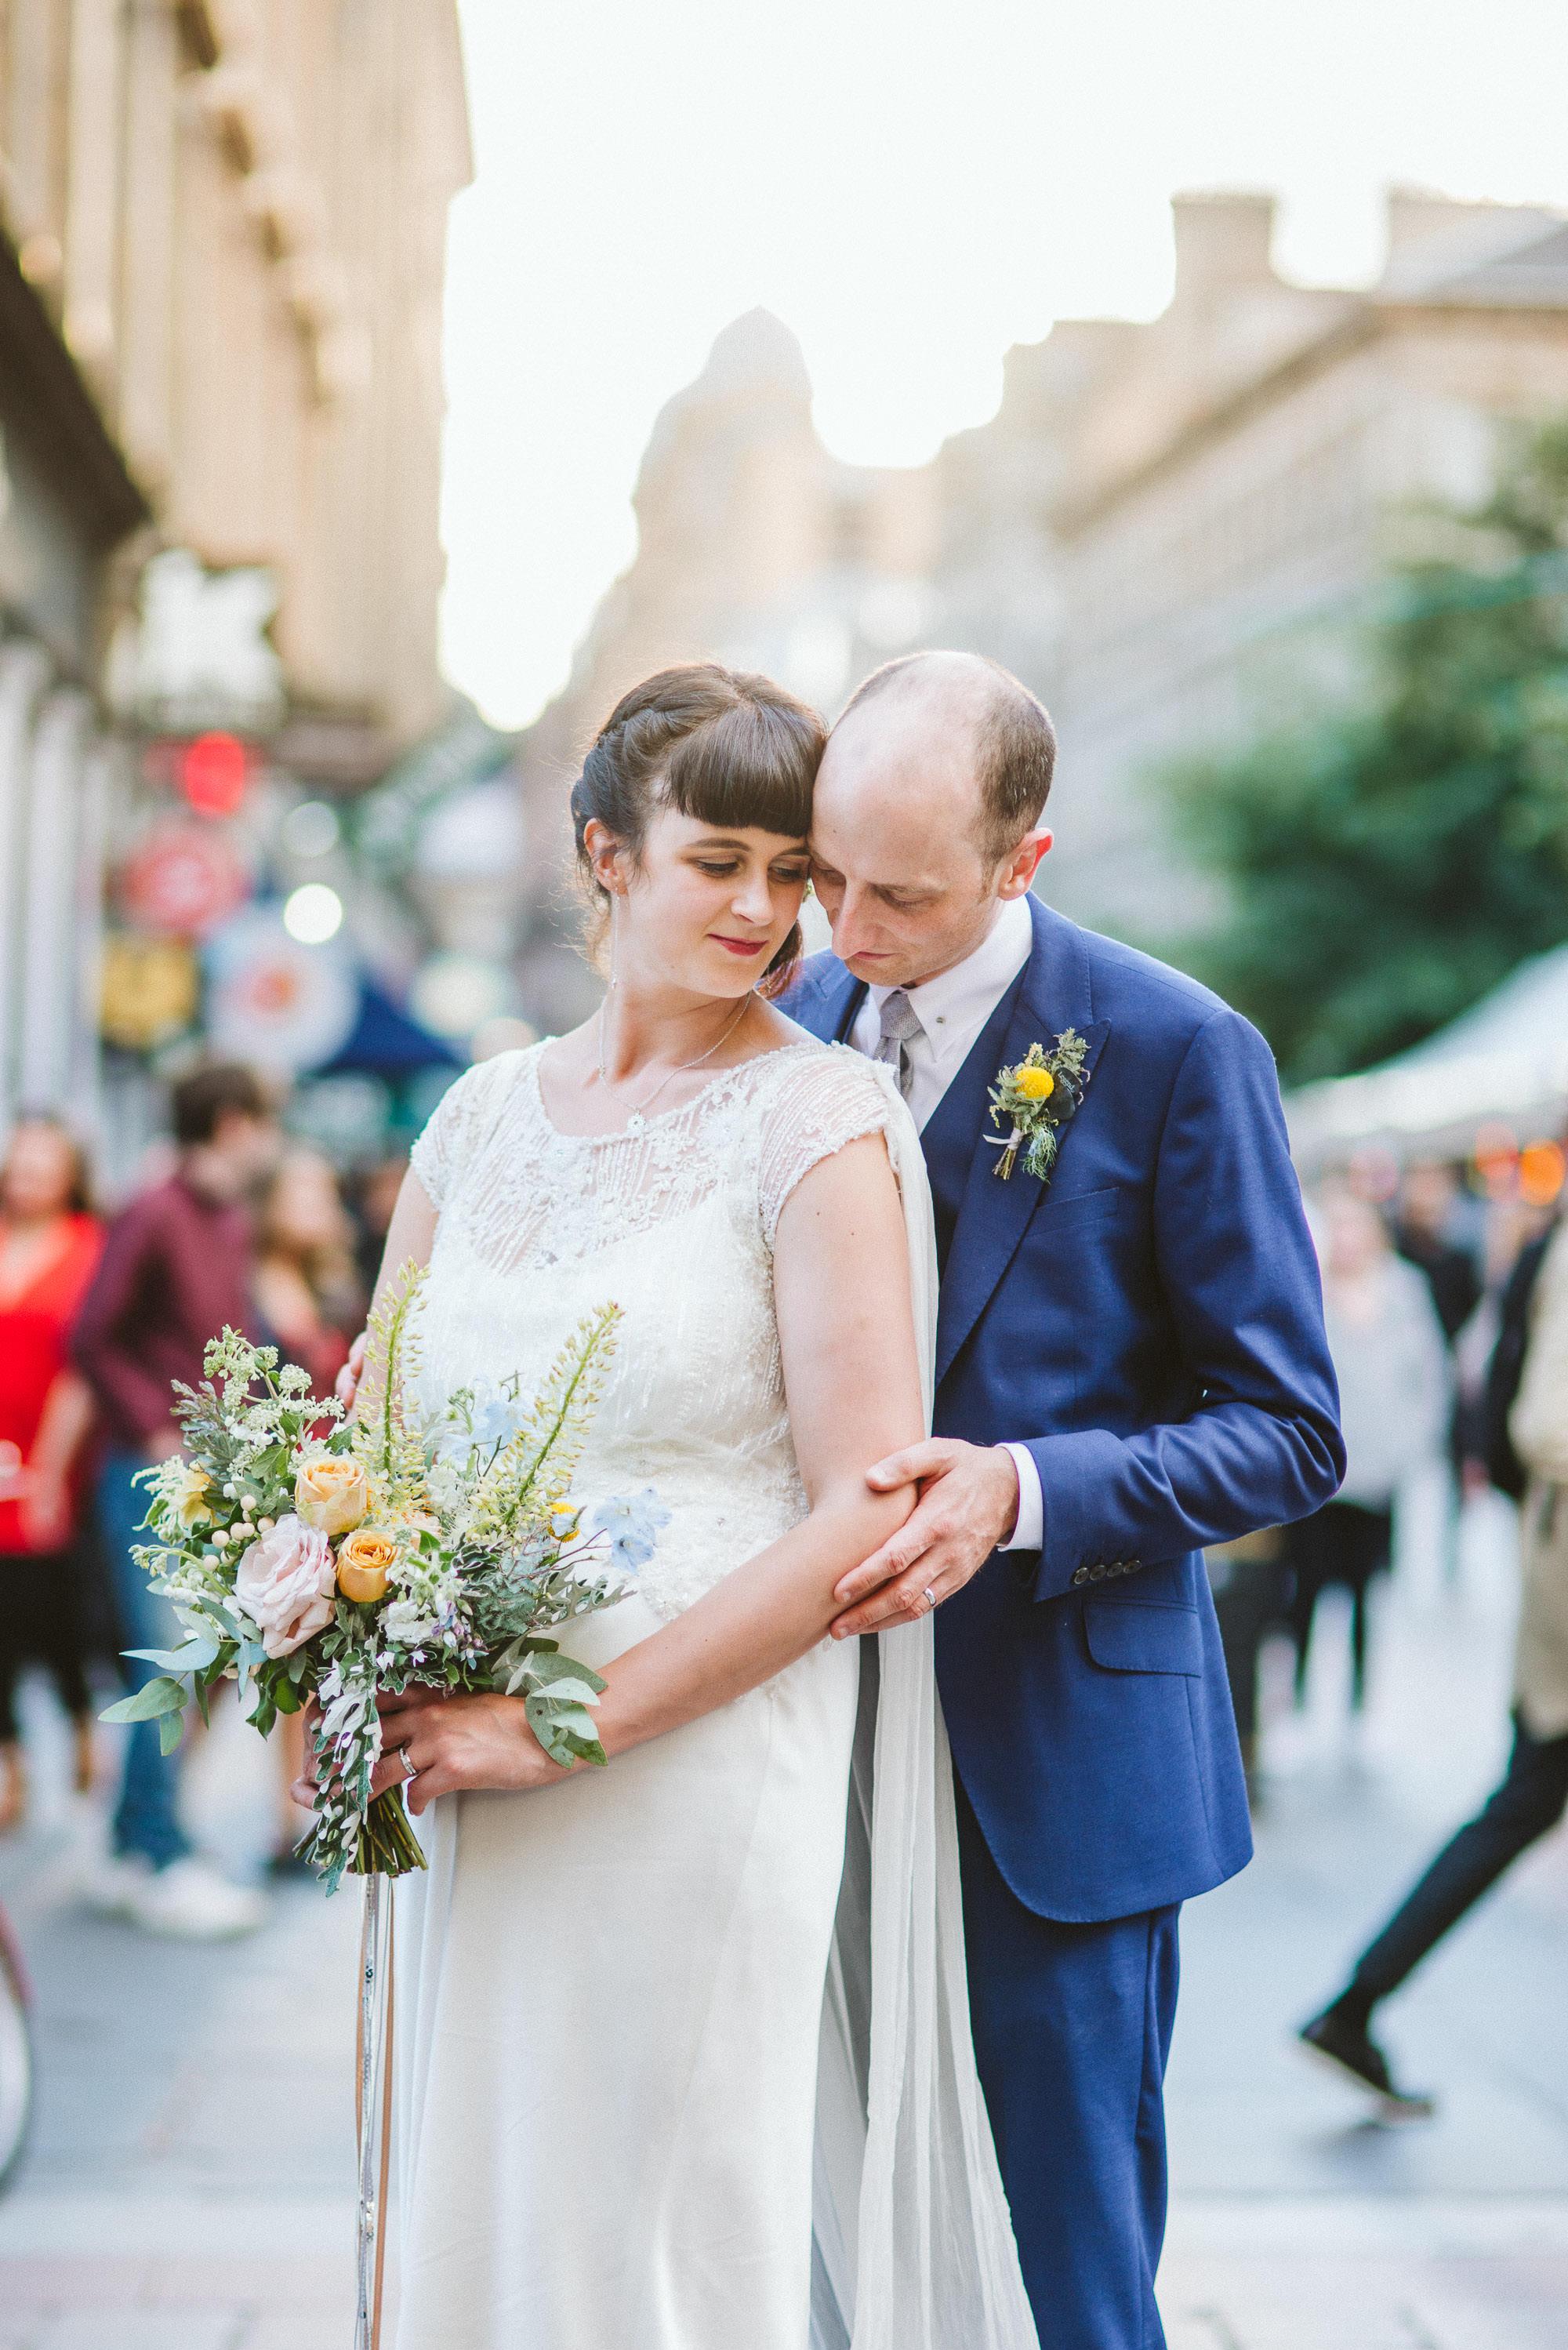 Wedding at 29 Glasgow